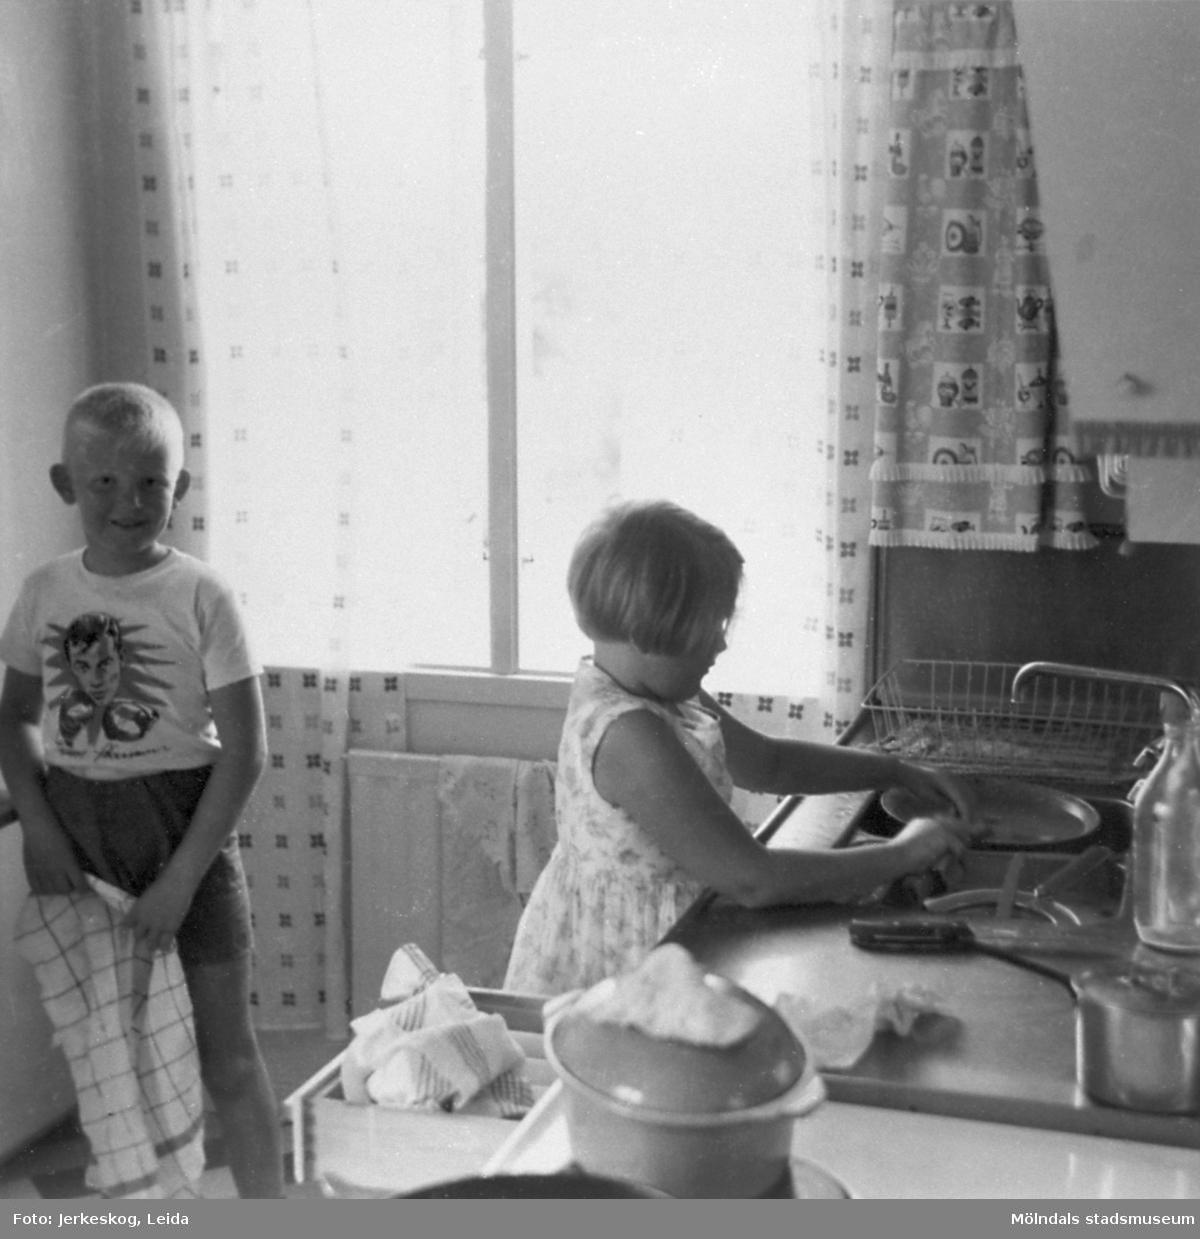 Två barn som diskar, Ulf och Marita Jerkeskog, 1960.